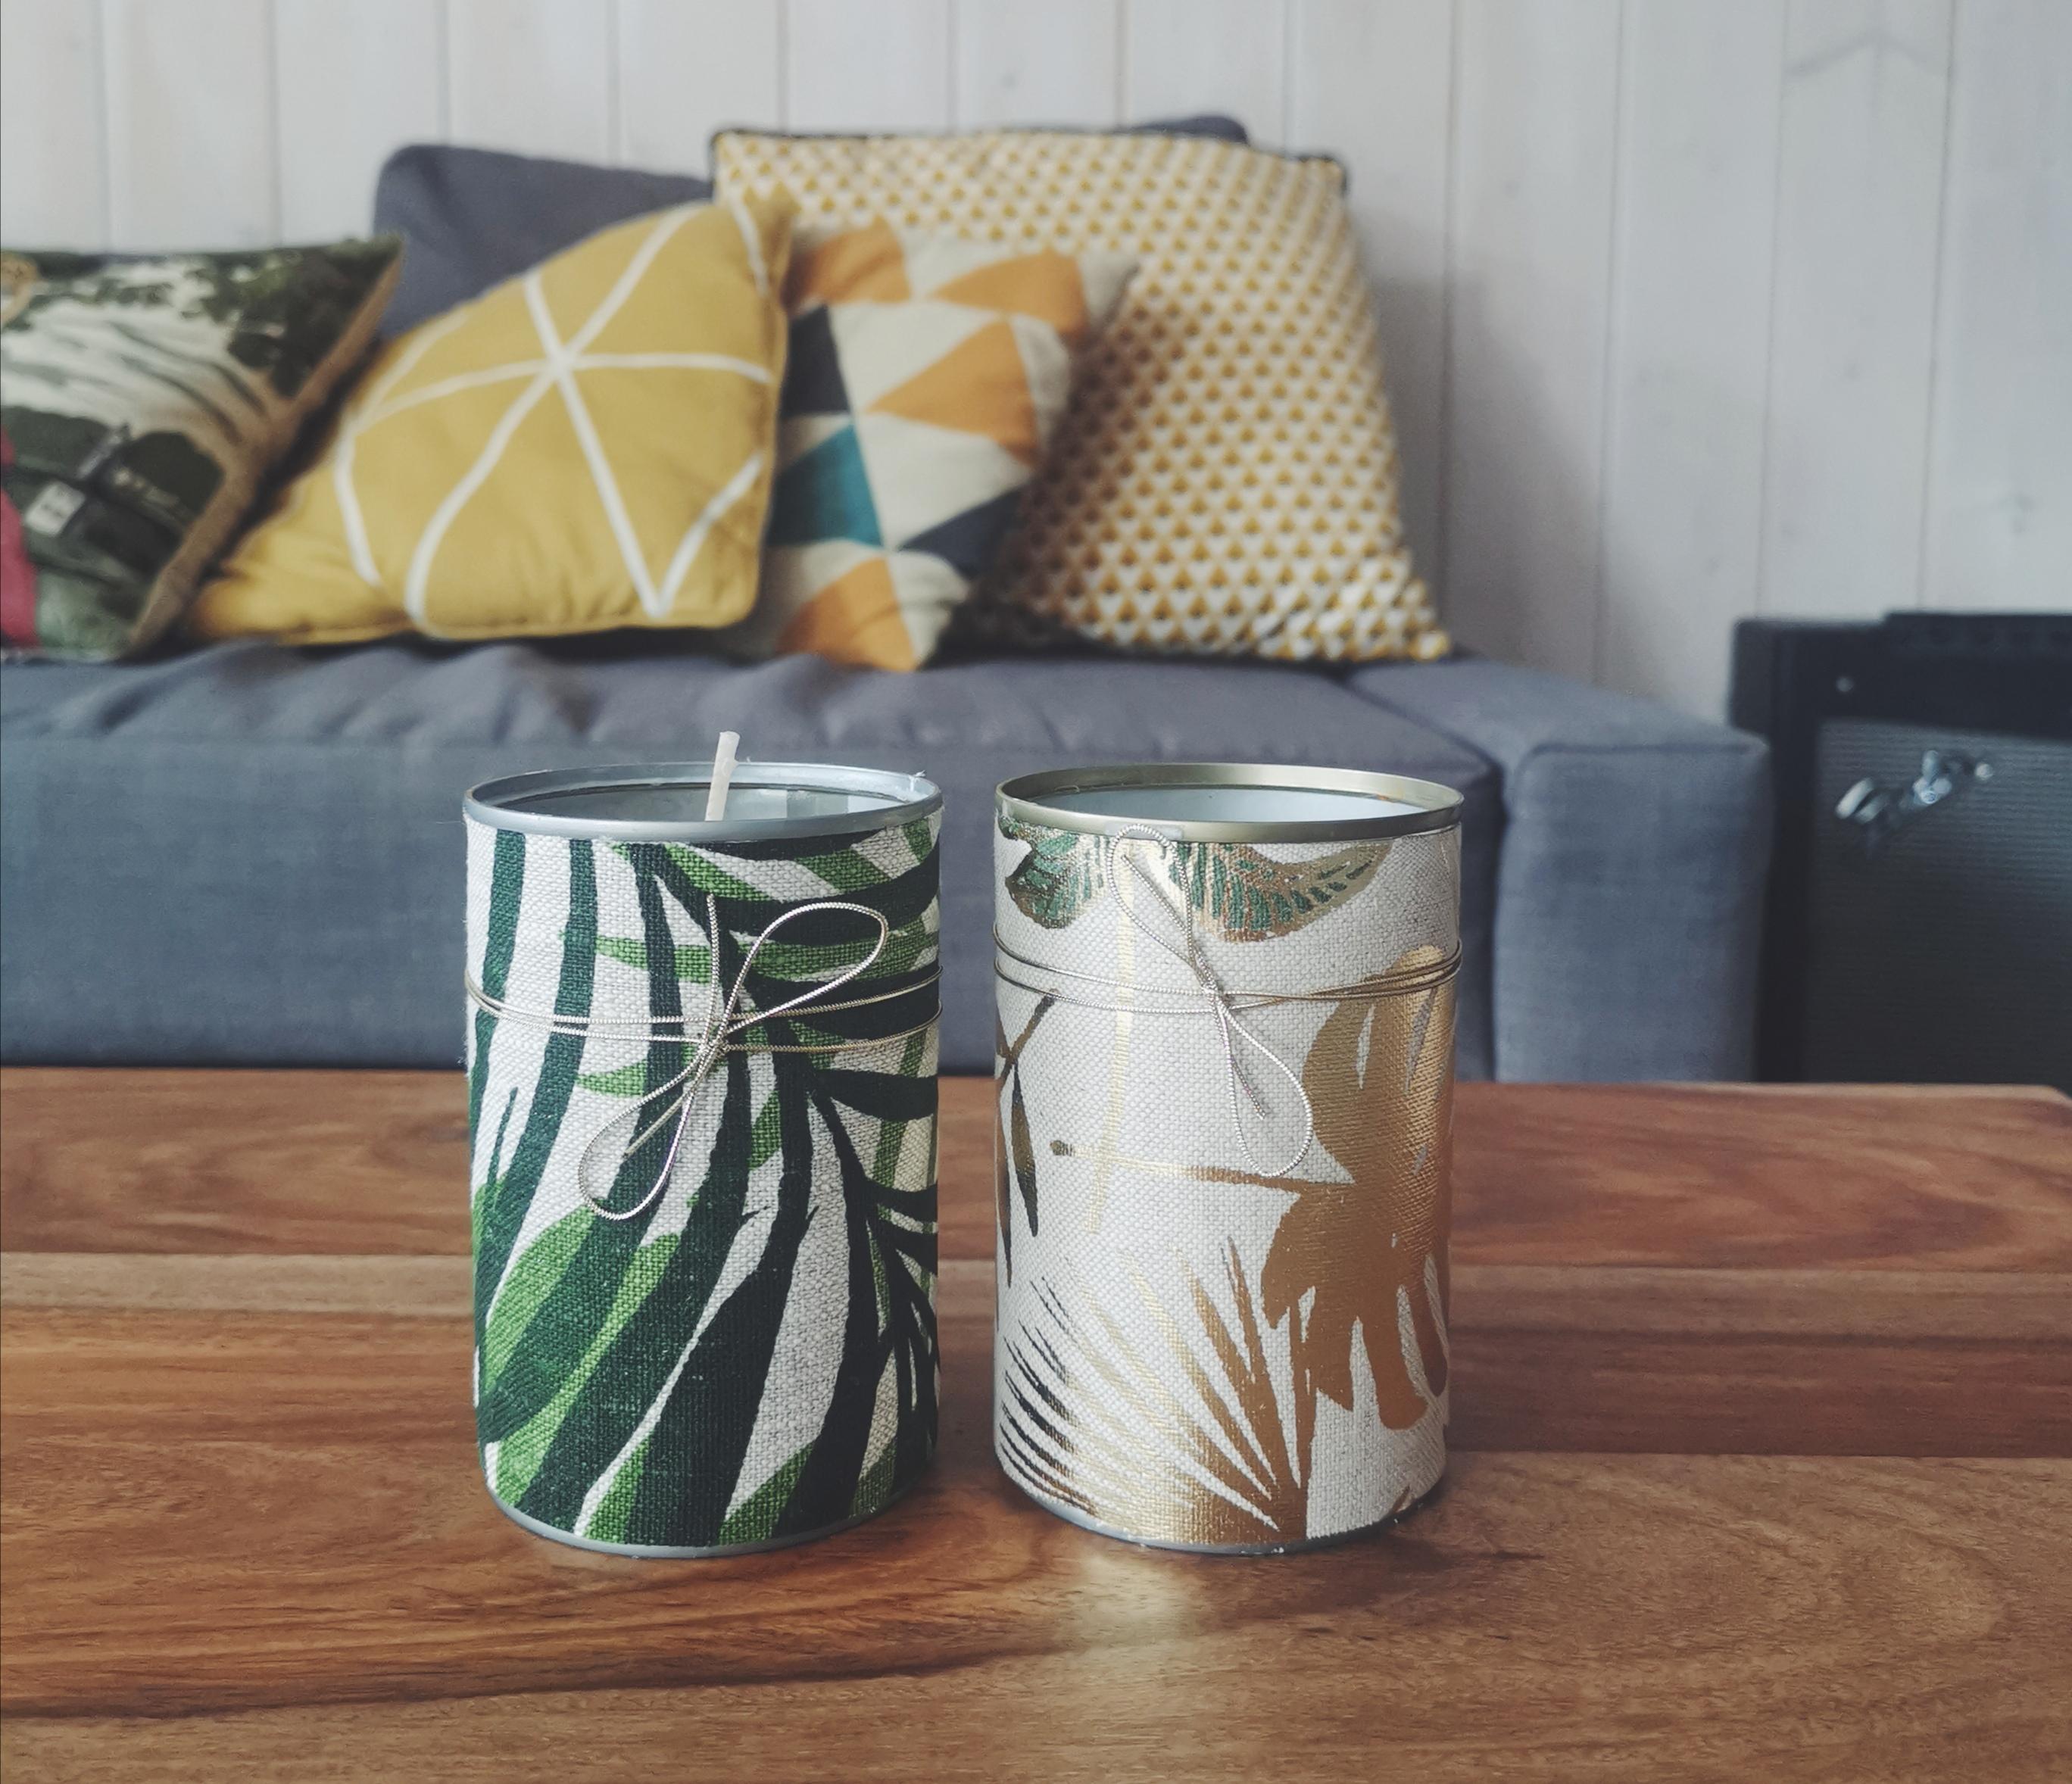 Réaliser des bougies maison à la cire végétale facilement